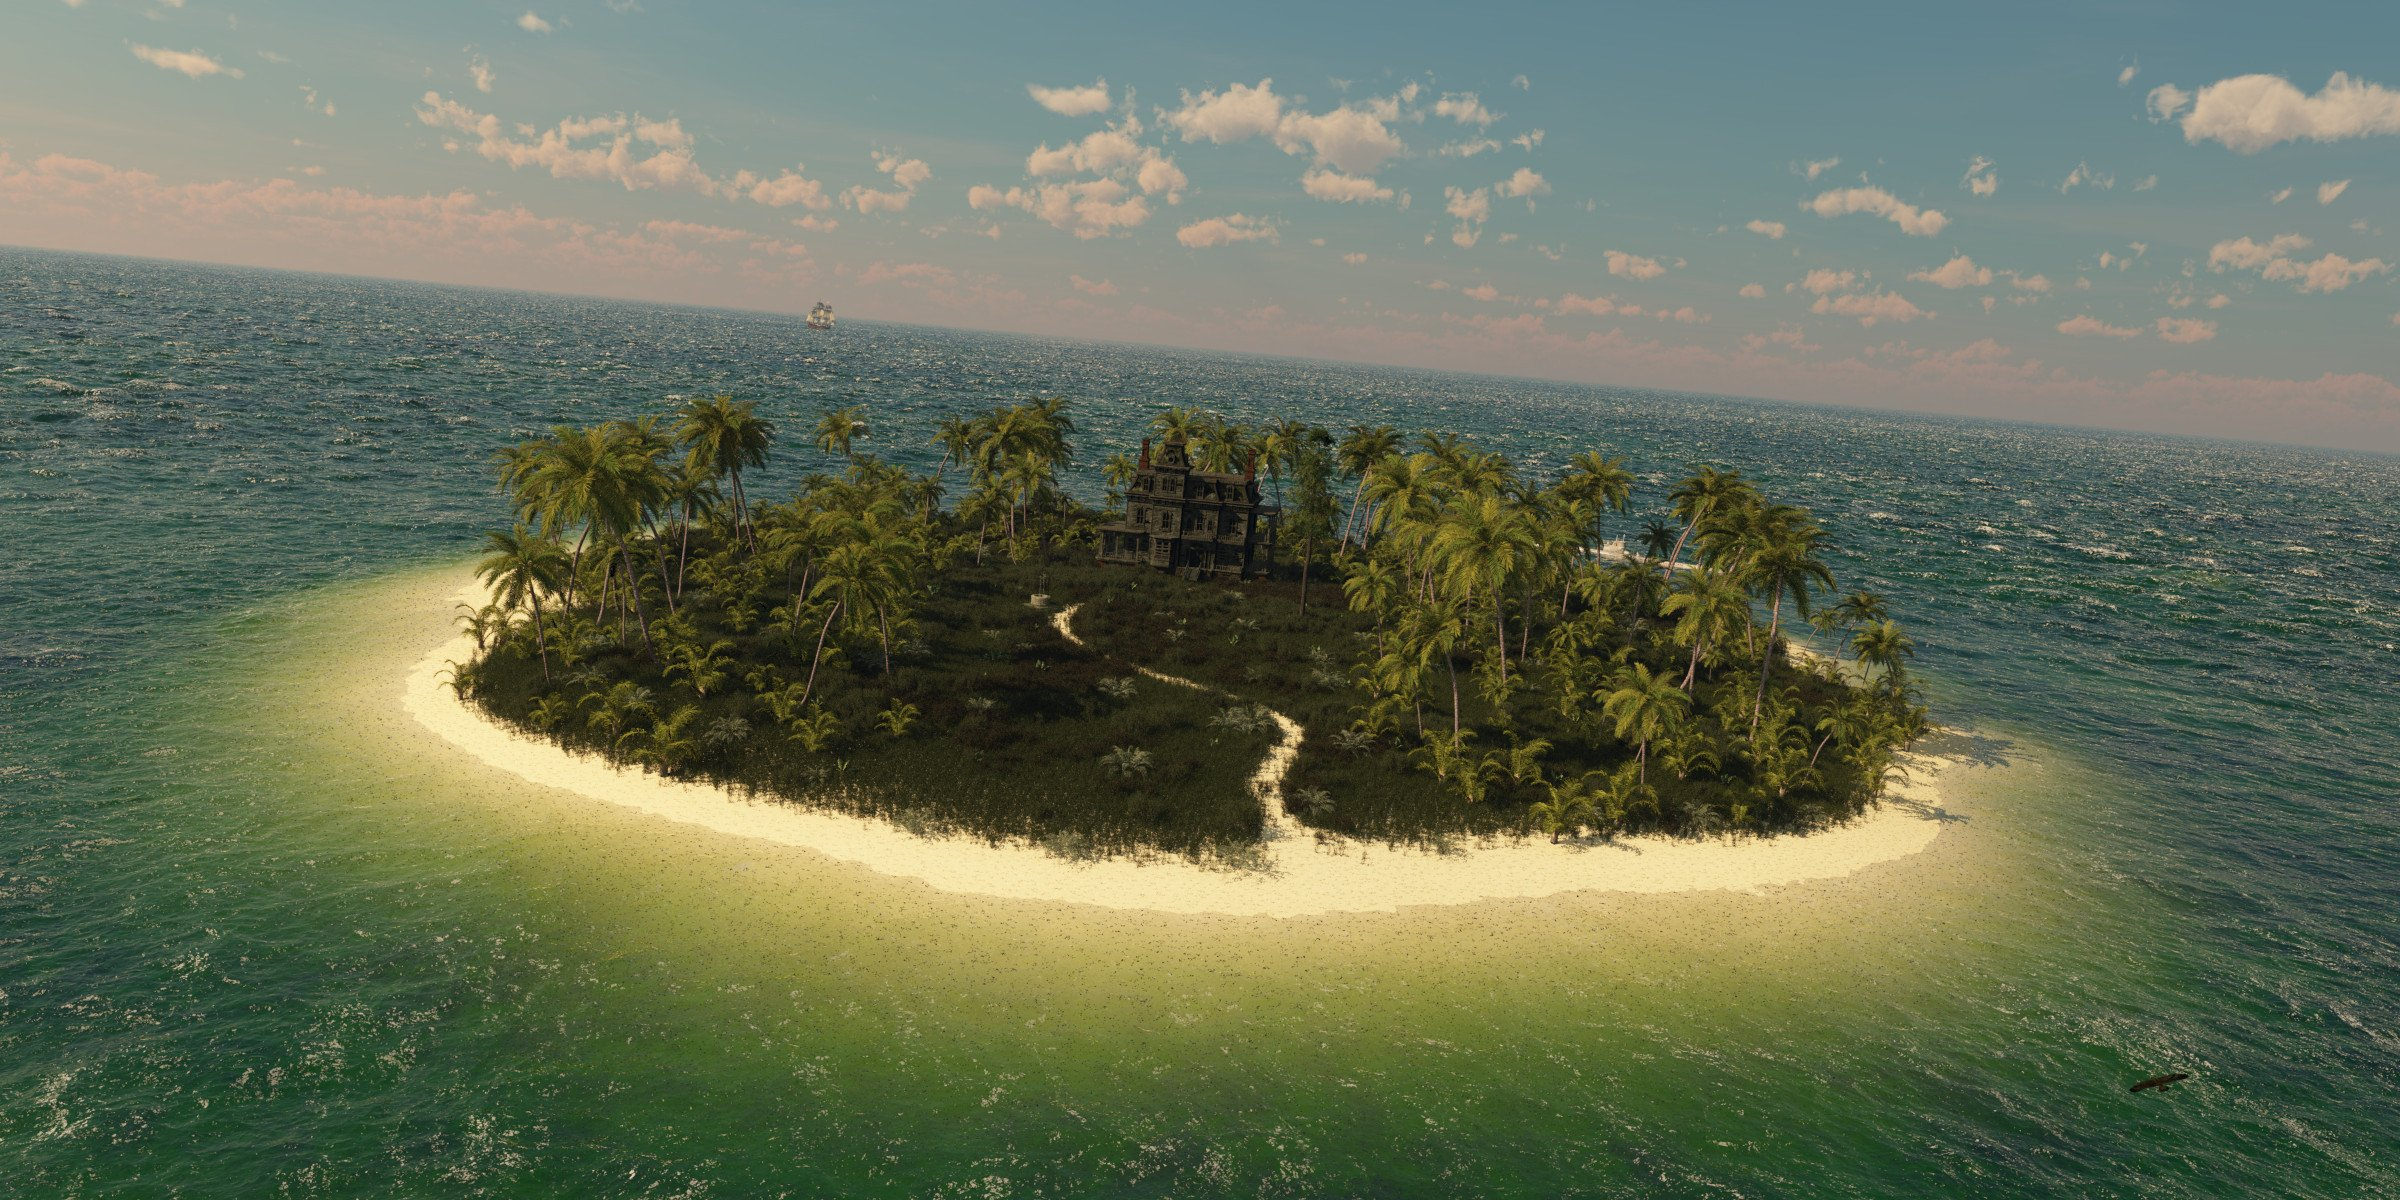 маленькие острова среди гор  № 253208 бесплатно